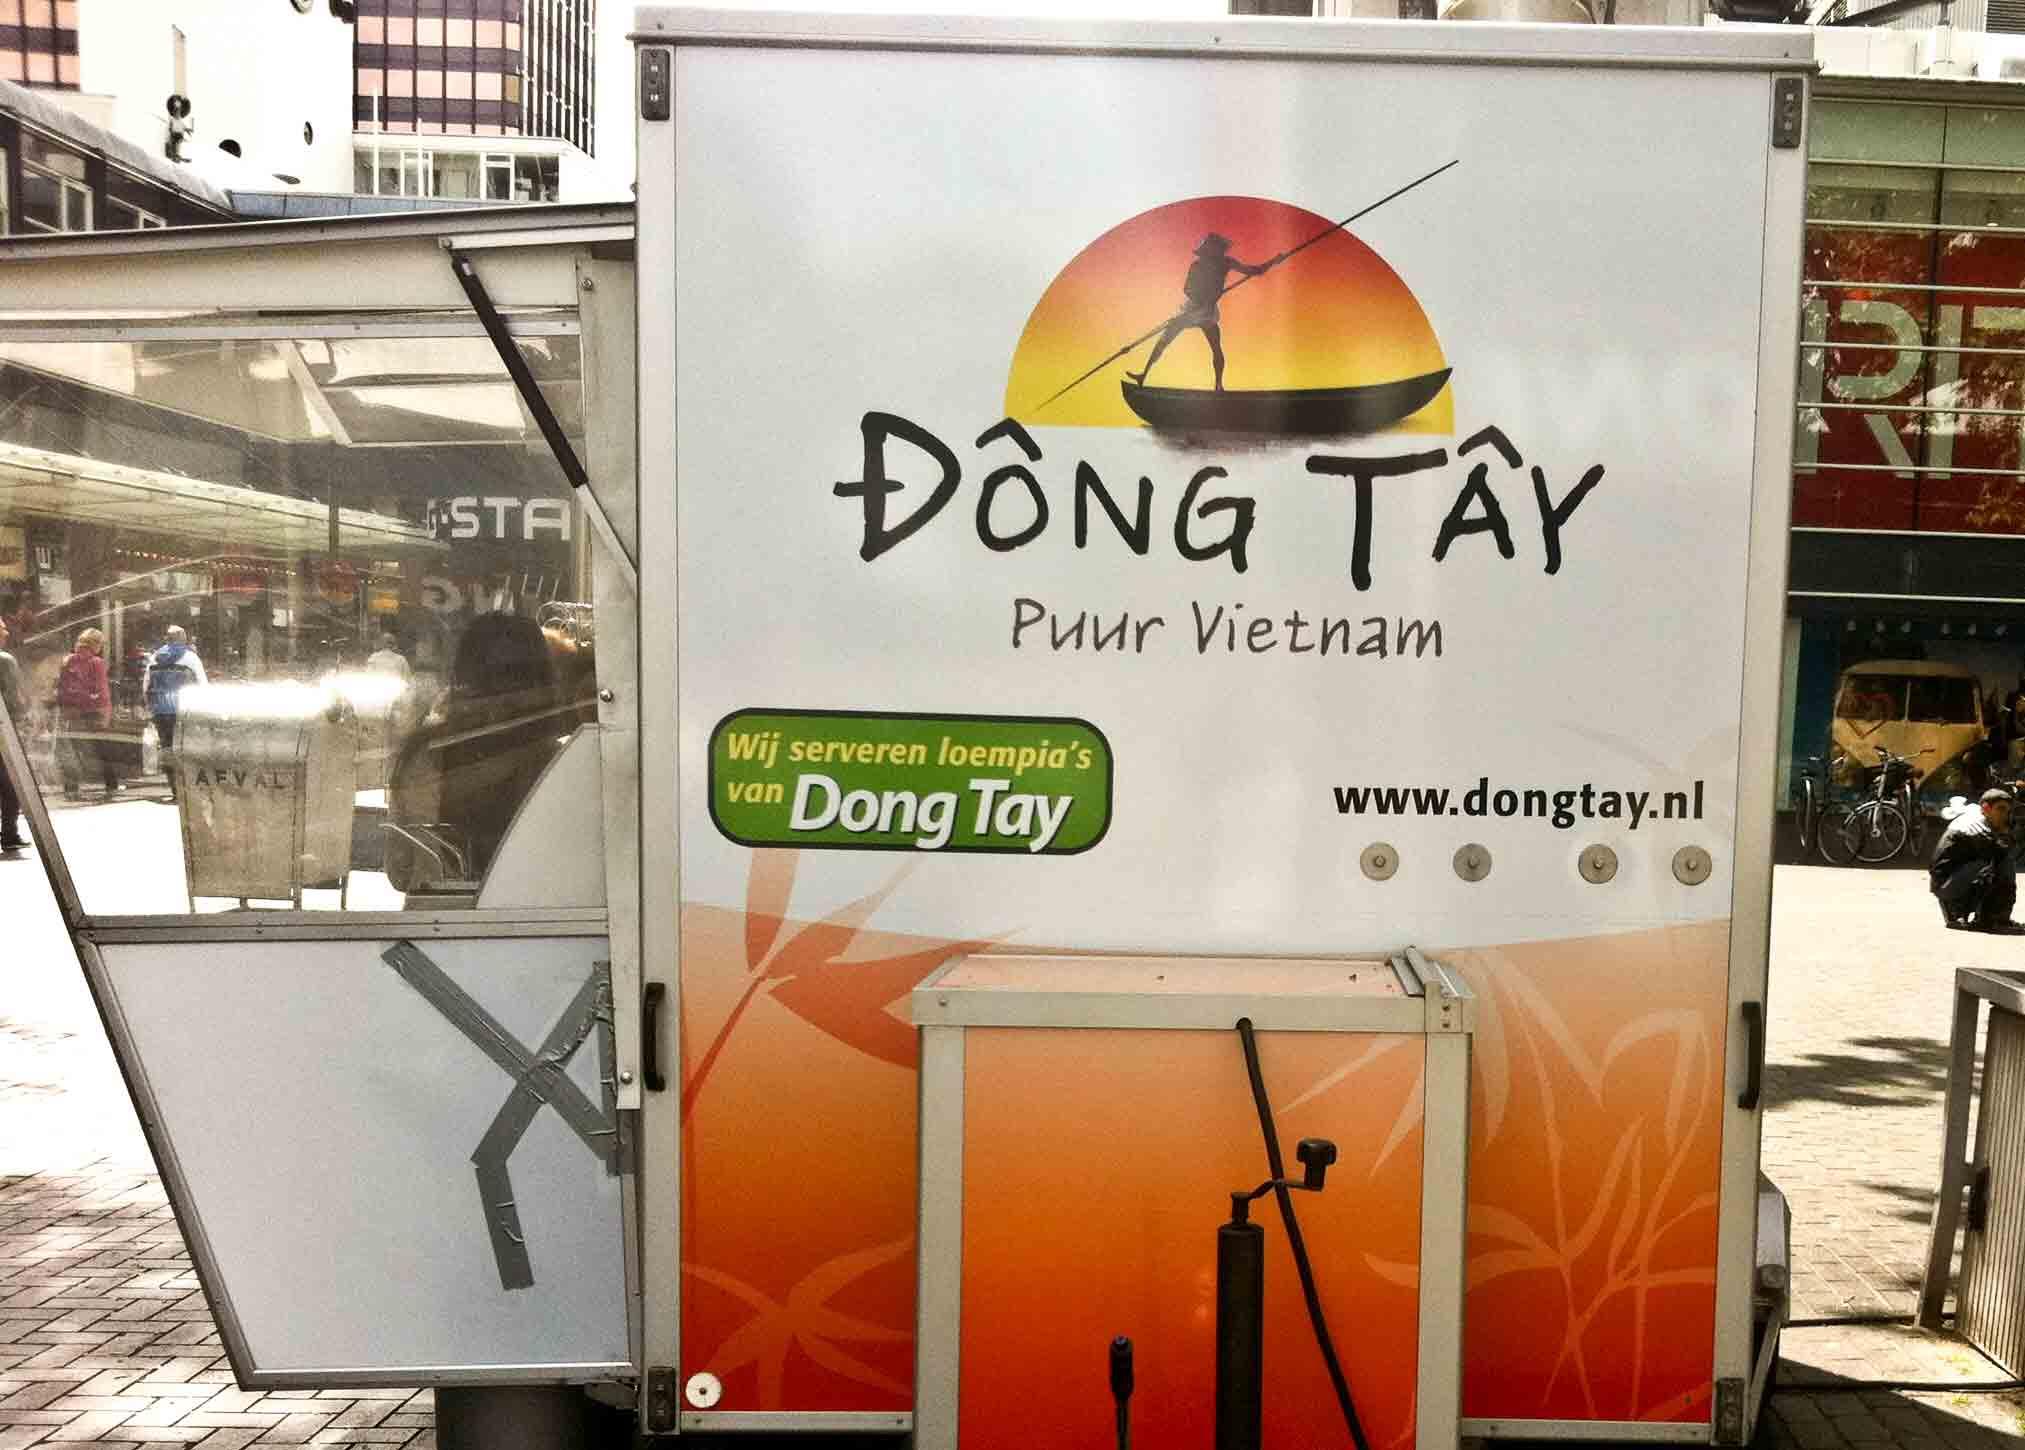 Dong Tay!